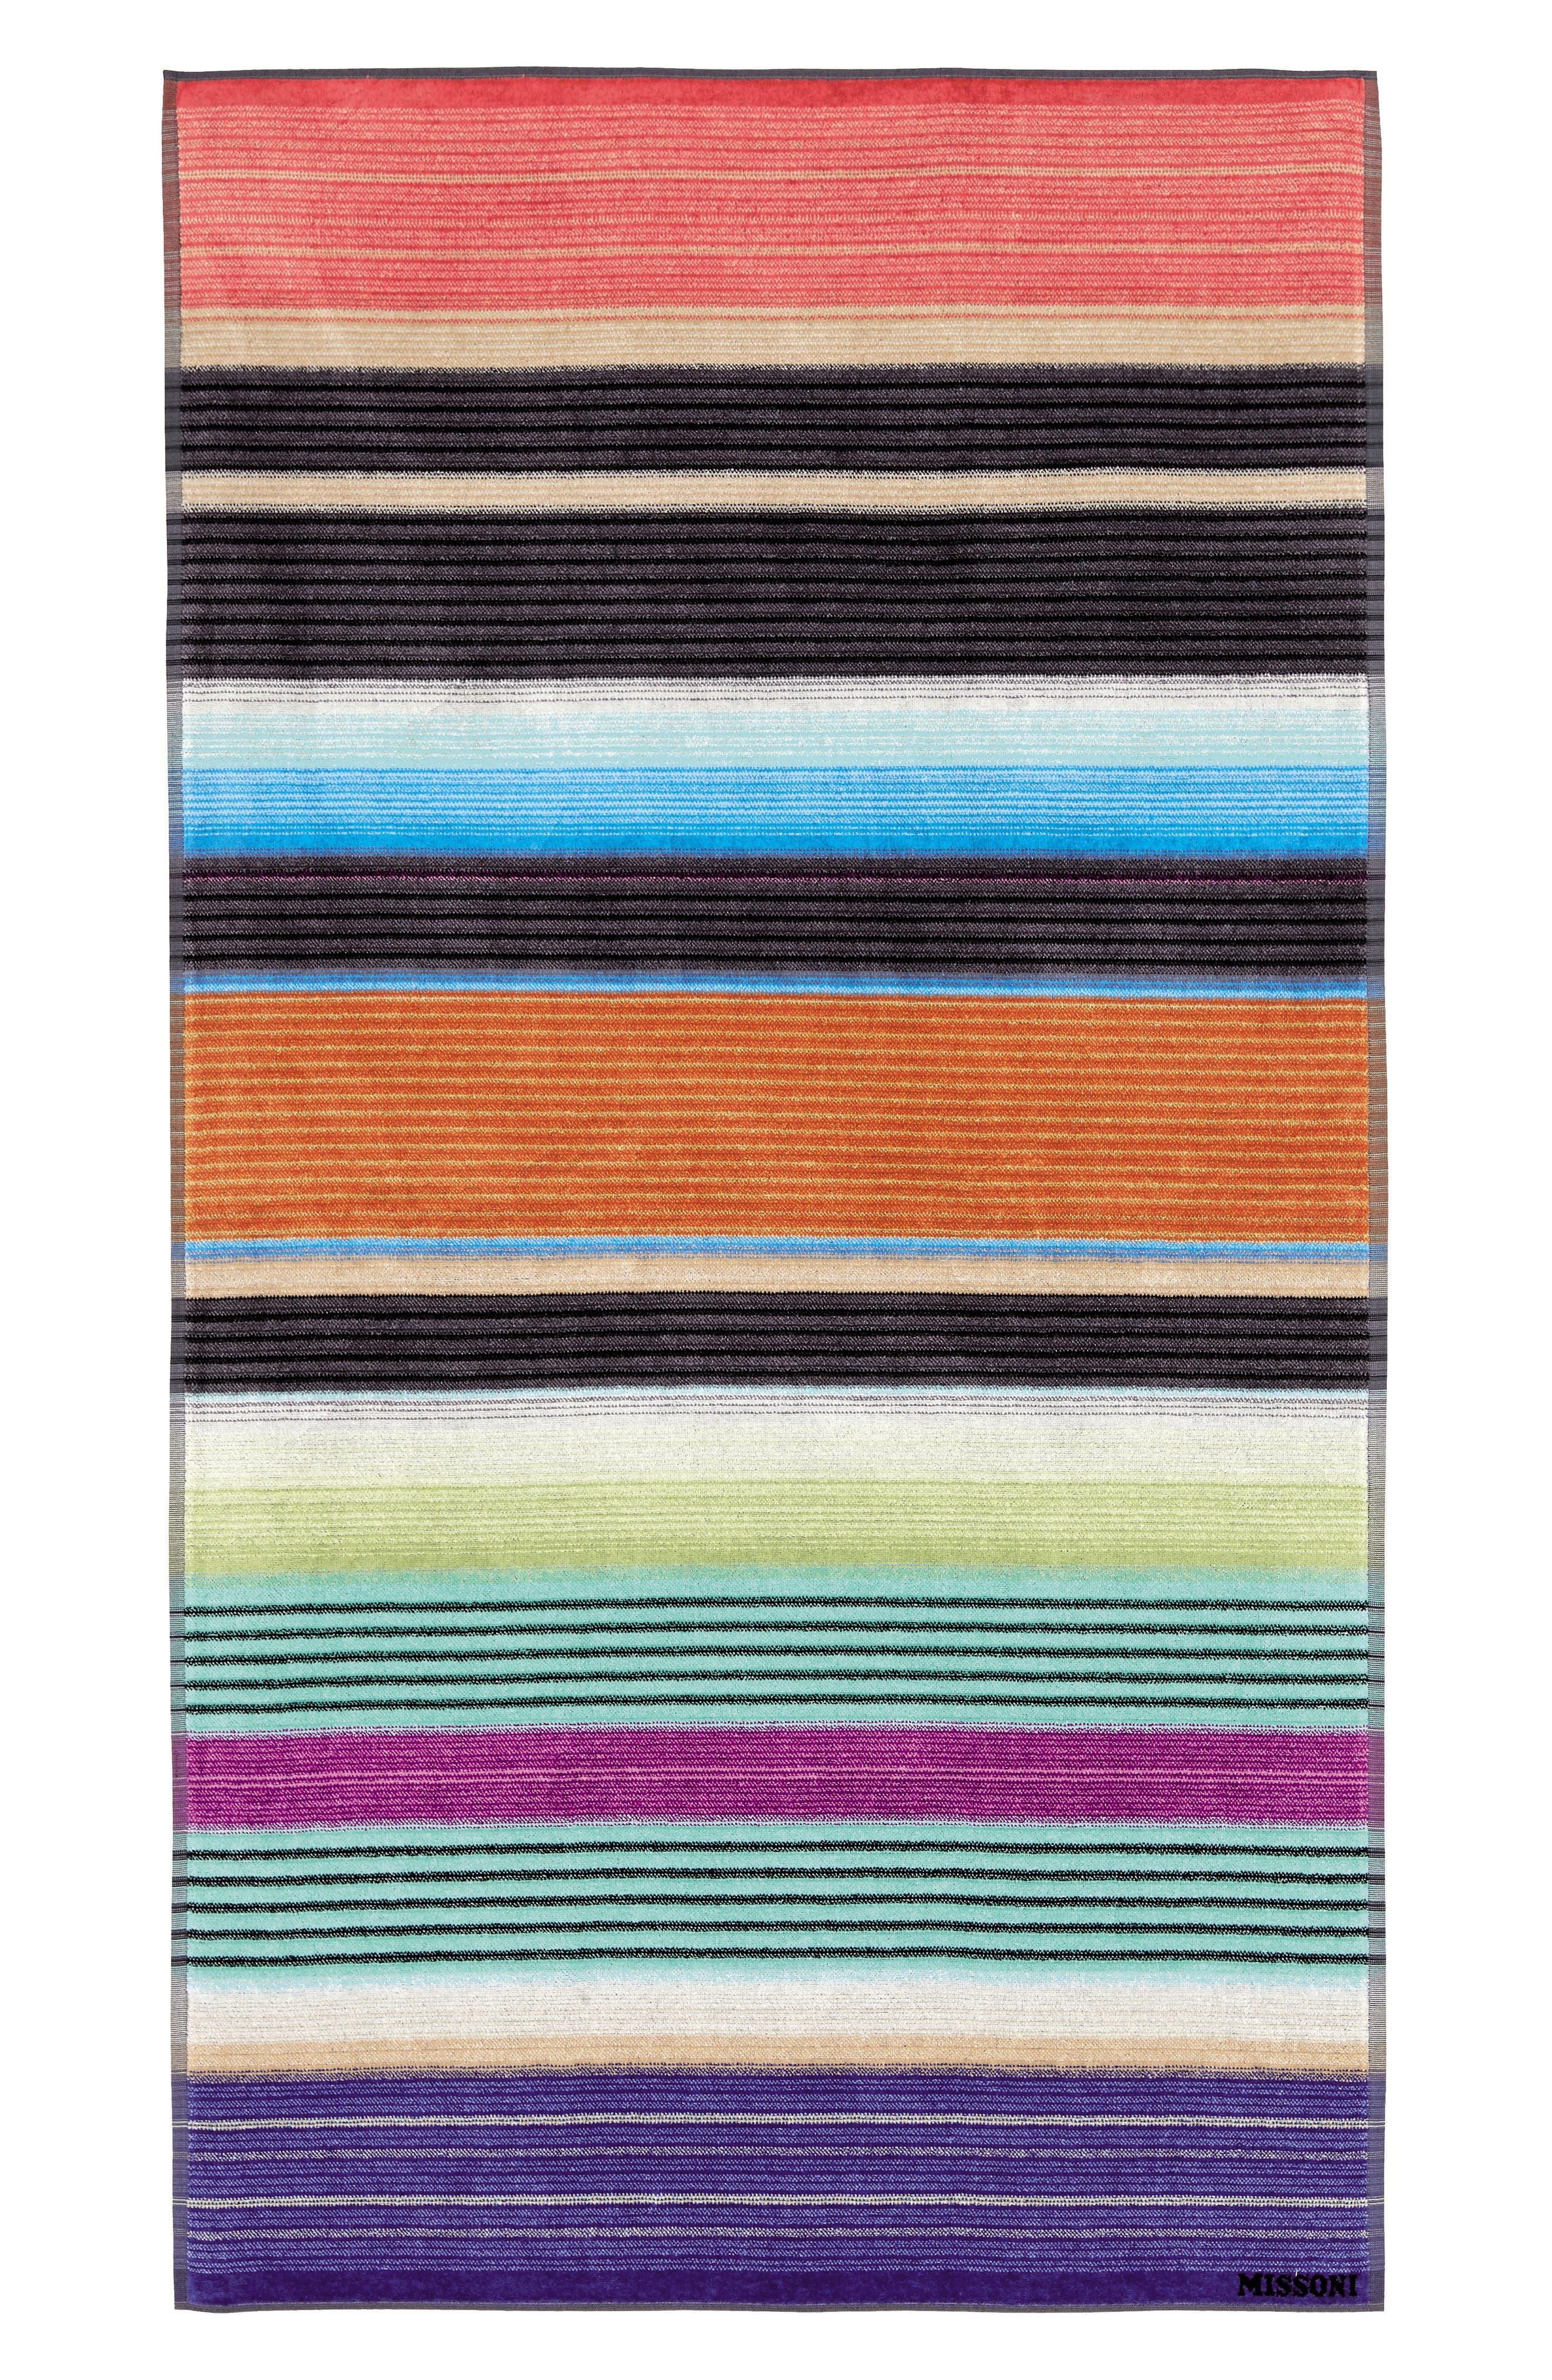 Viviette Beach Towel,                             Main thumbnail 1, color,                             MULTI